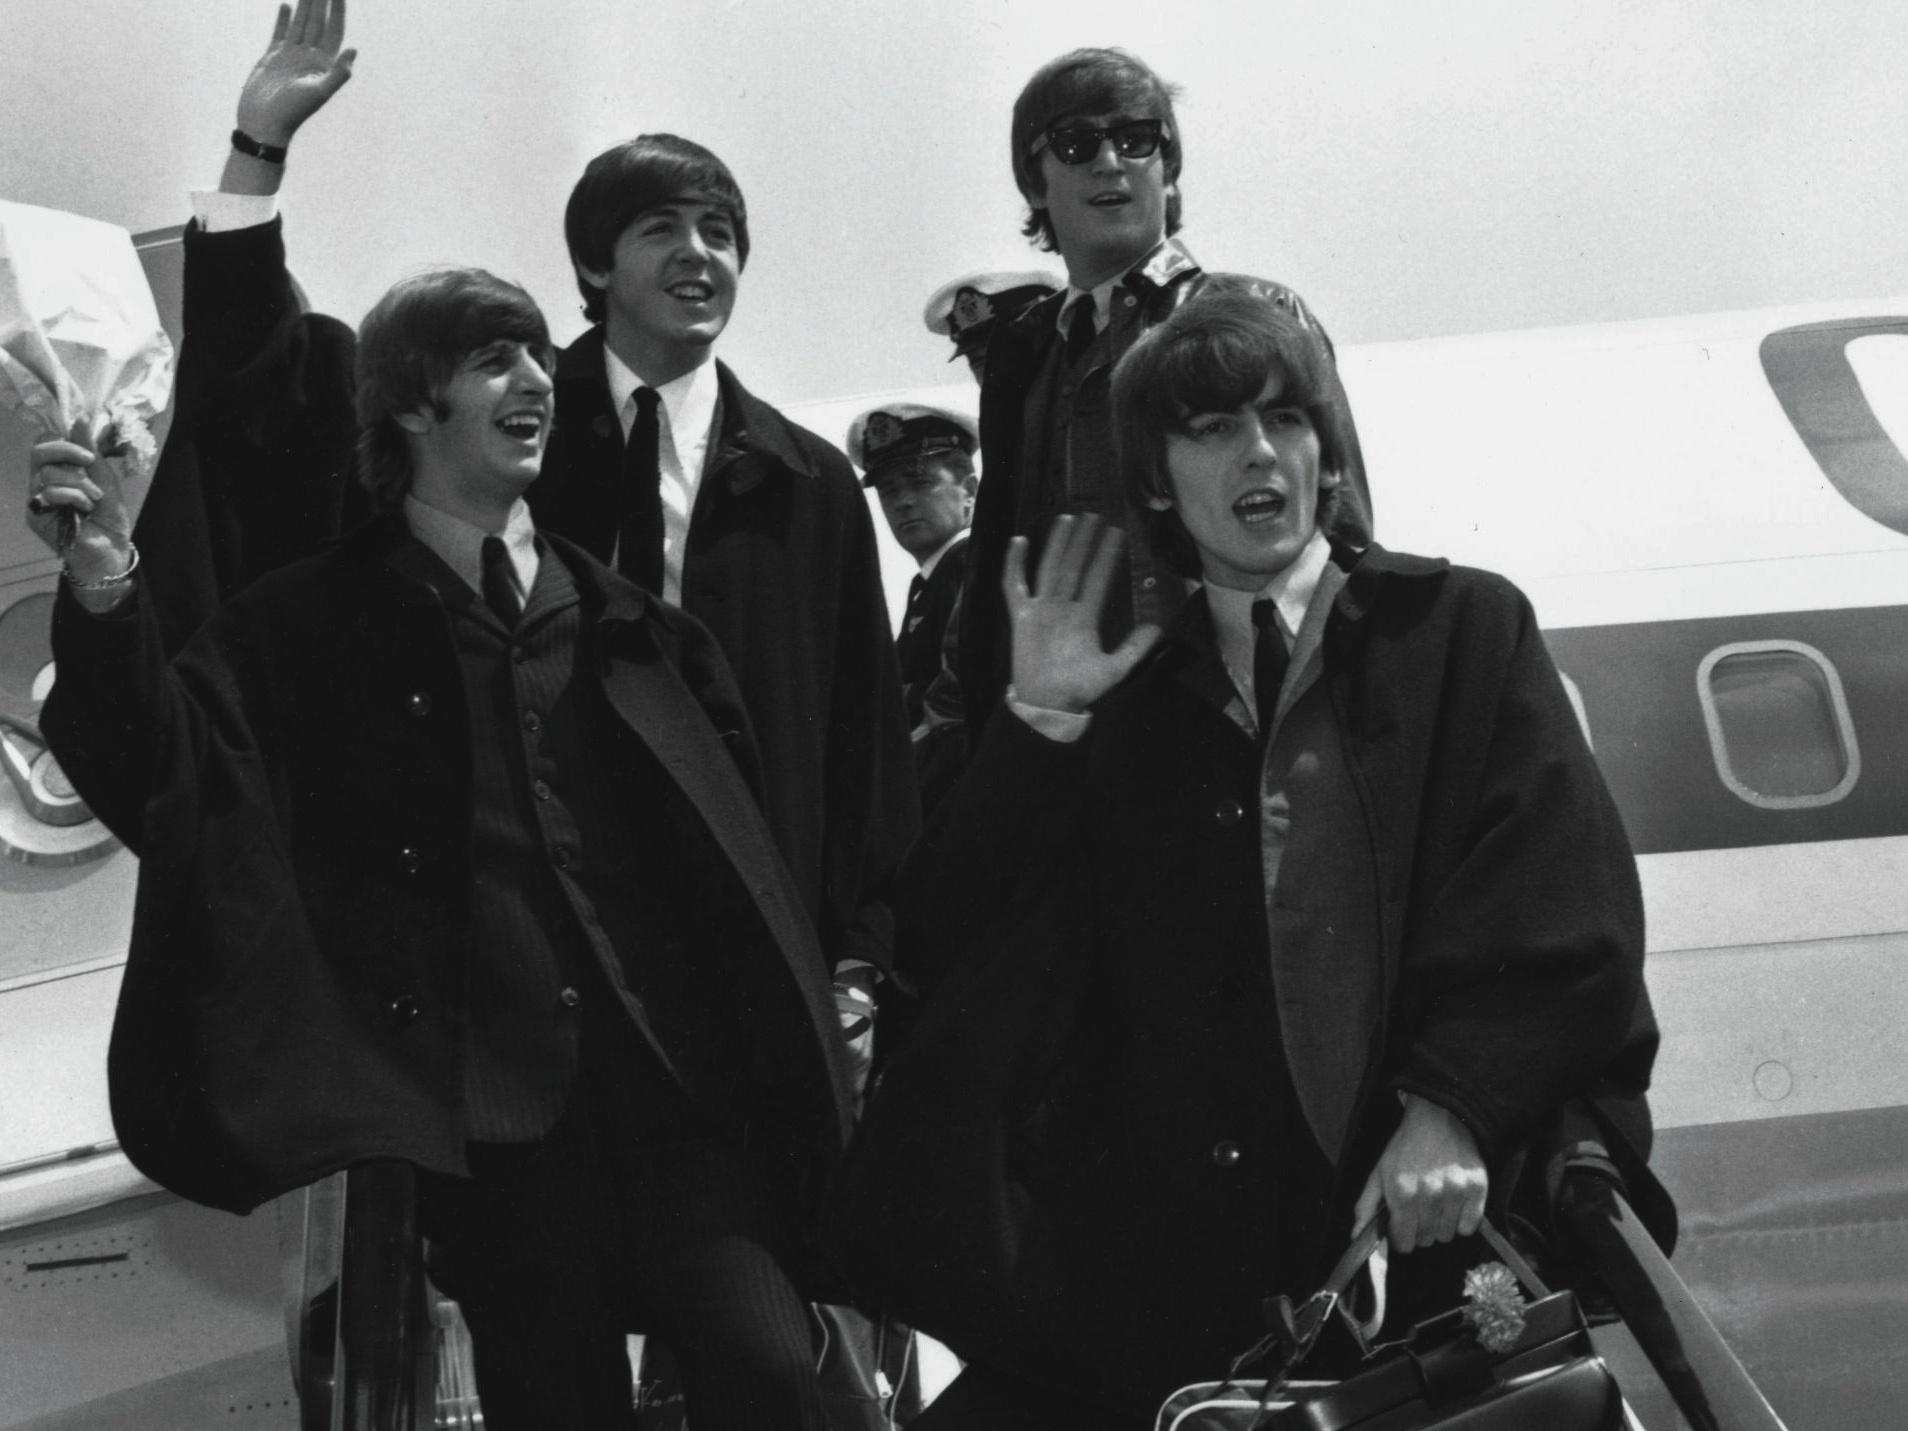 Top Ten der Beatles-Hits gewählt